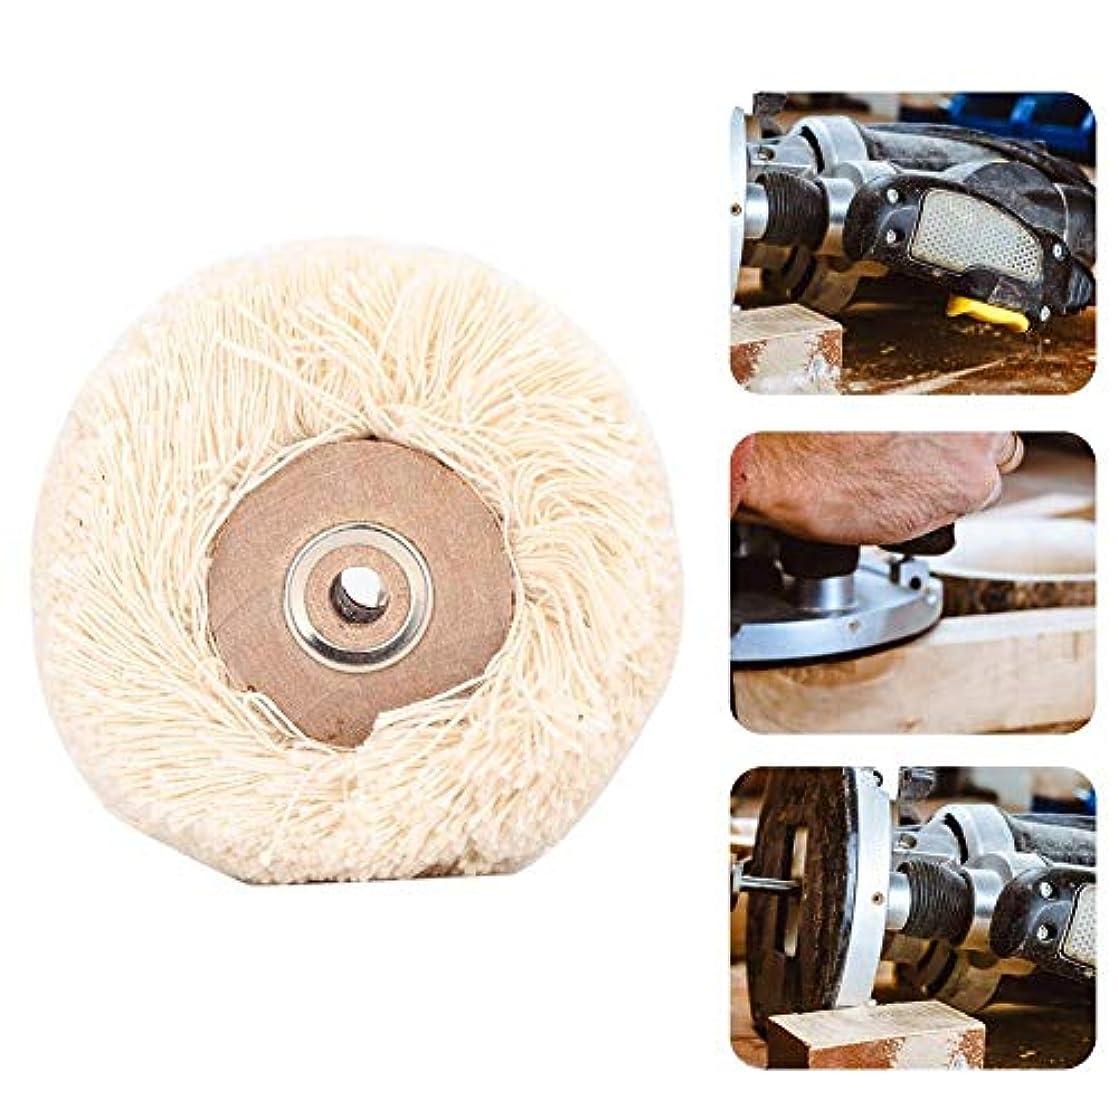 クスコ民間人お尻研磨ヘッド 回転工具 研磨ドリルグラインダーホイールブラシジュエリー研磨工具(M)